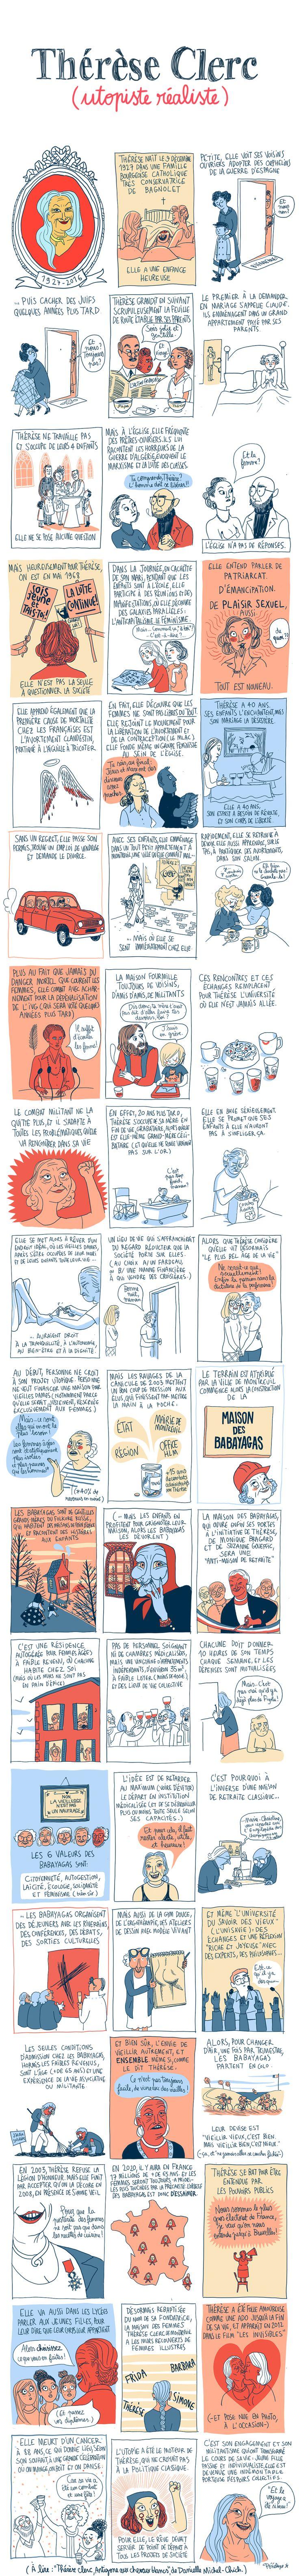 Pénélope Bagieu, les Culottées